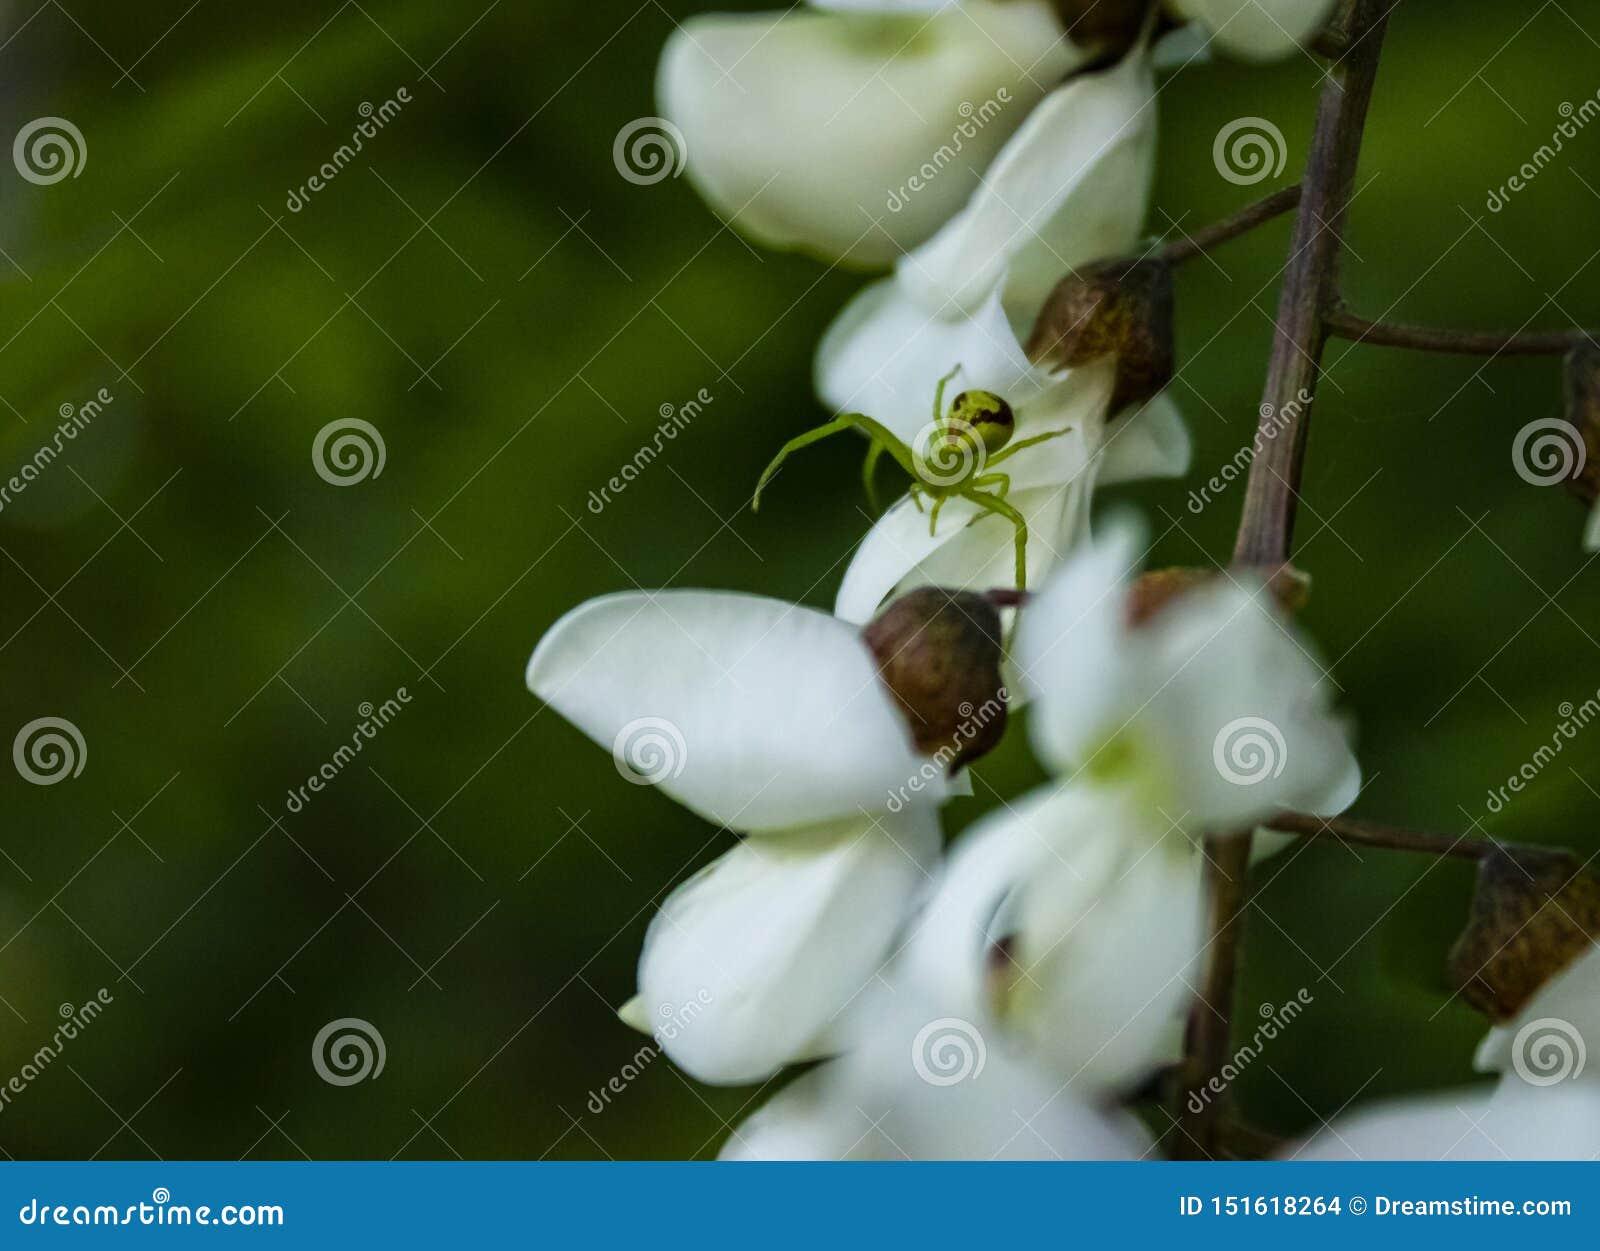 Zielony pająk na białych akacjowych kwiatach